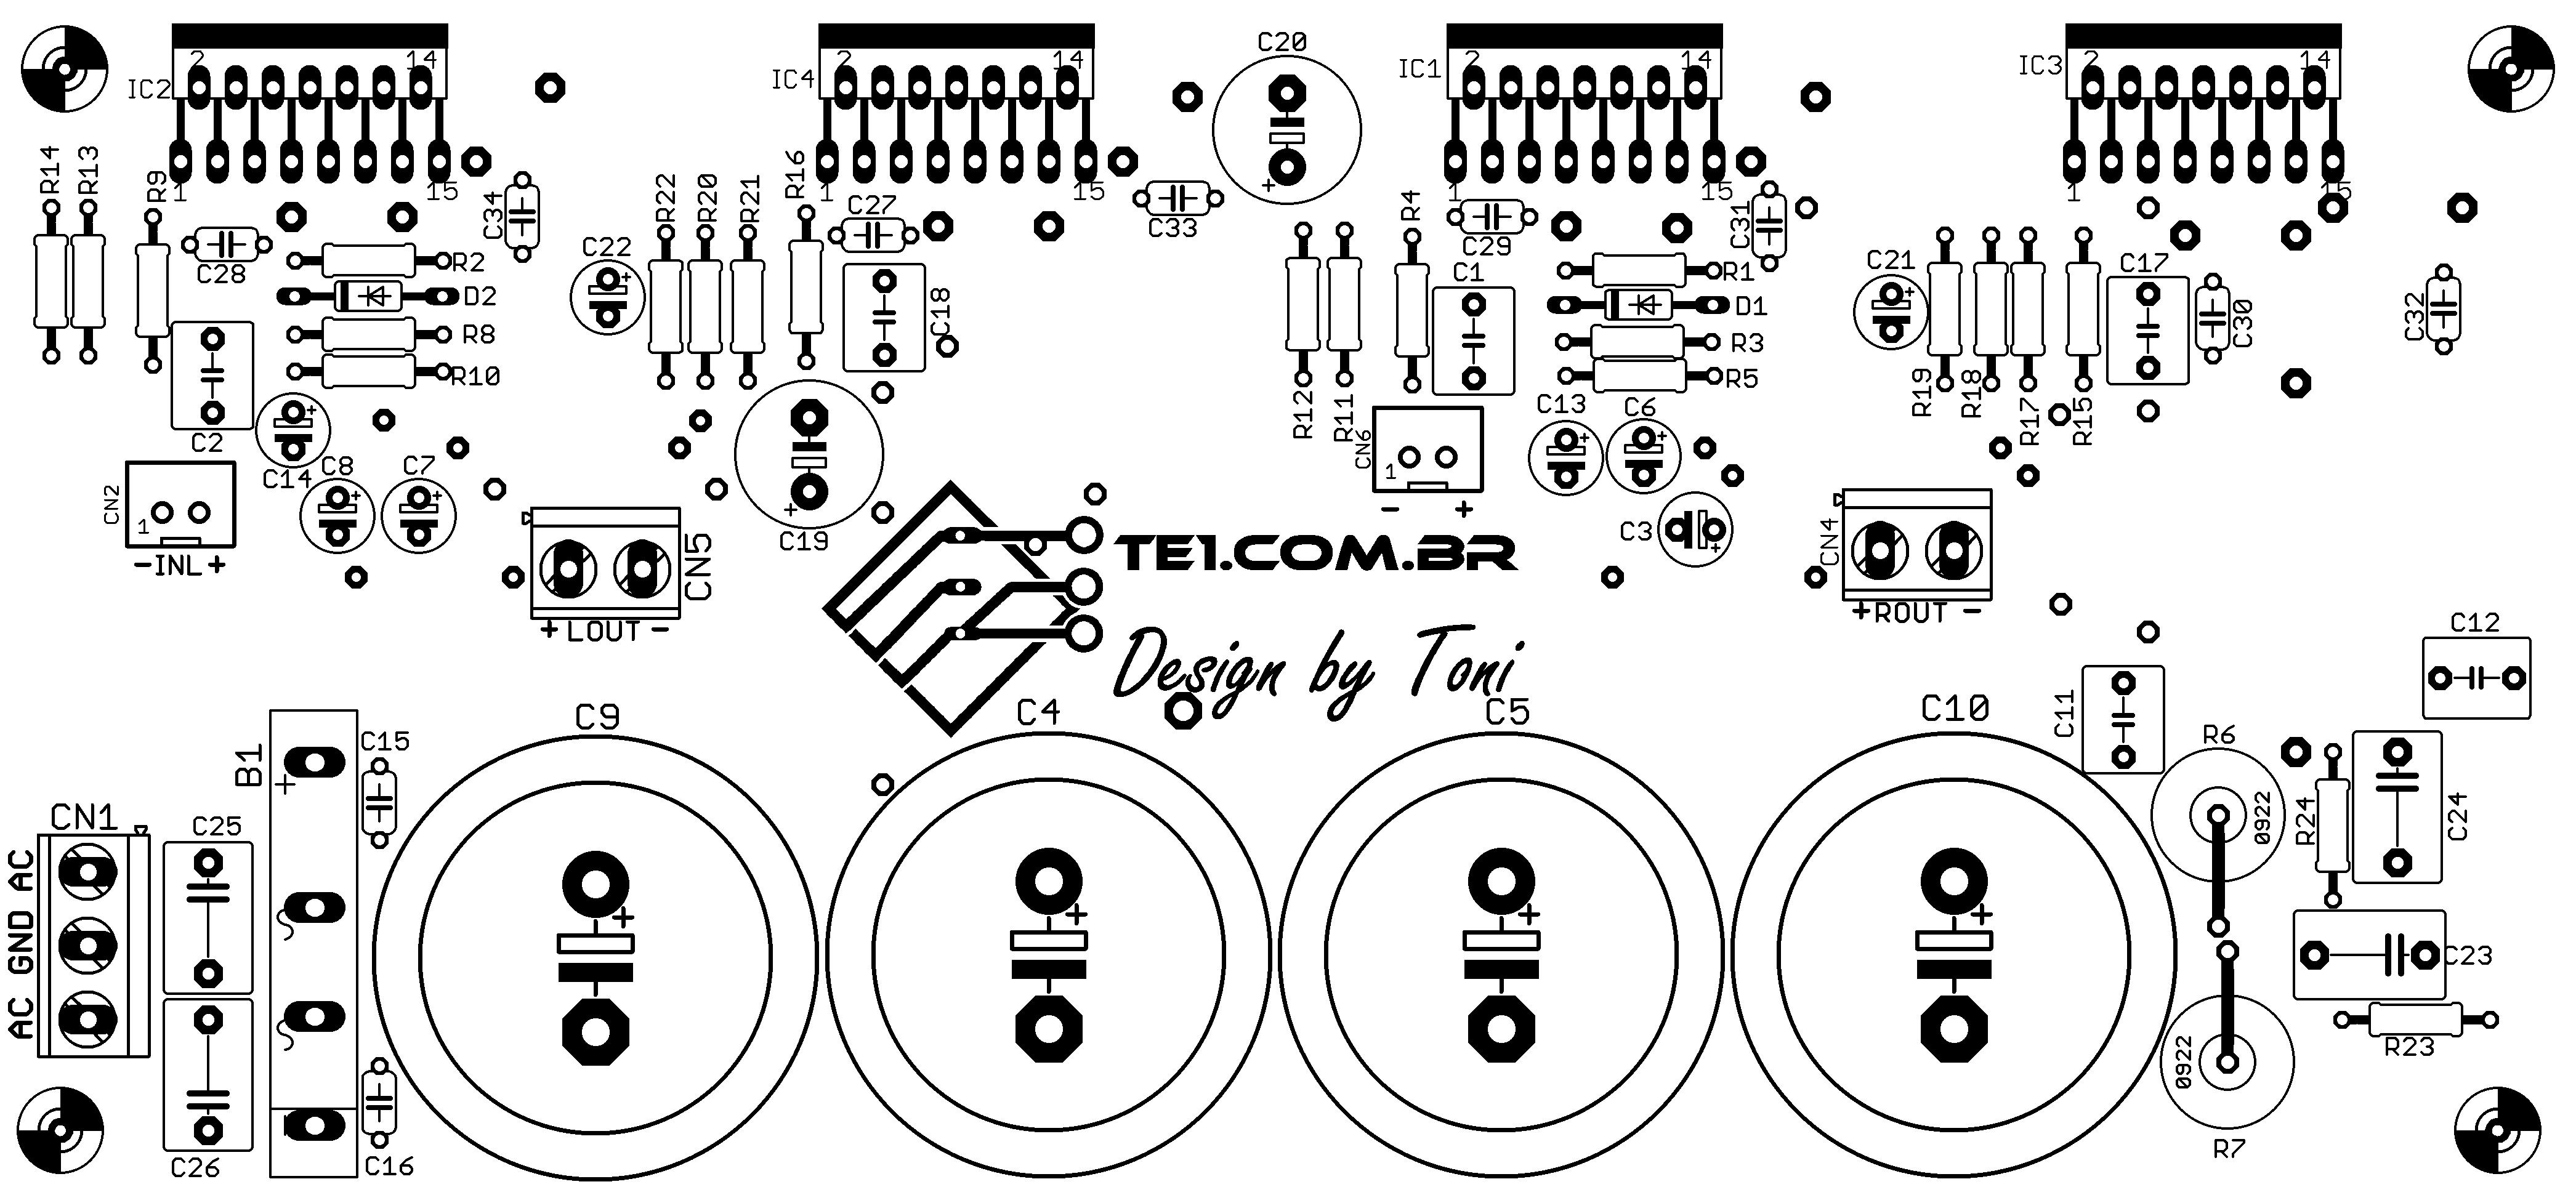 amplificador tda7294 pcb componente Brutus   Amplificador de potência estéreo com TDA7294 em ponte (bridge) tda7294 tda Circuitos Áudio